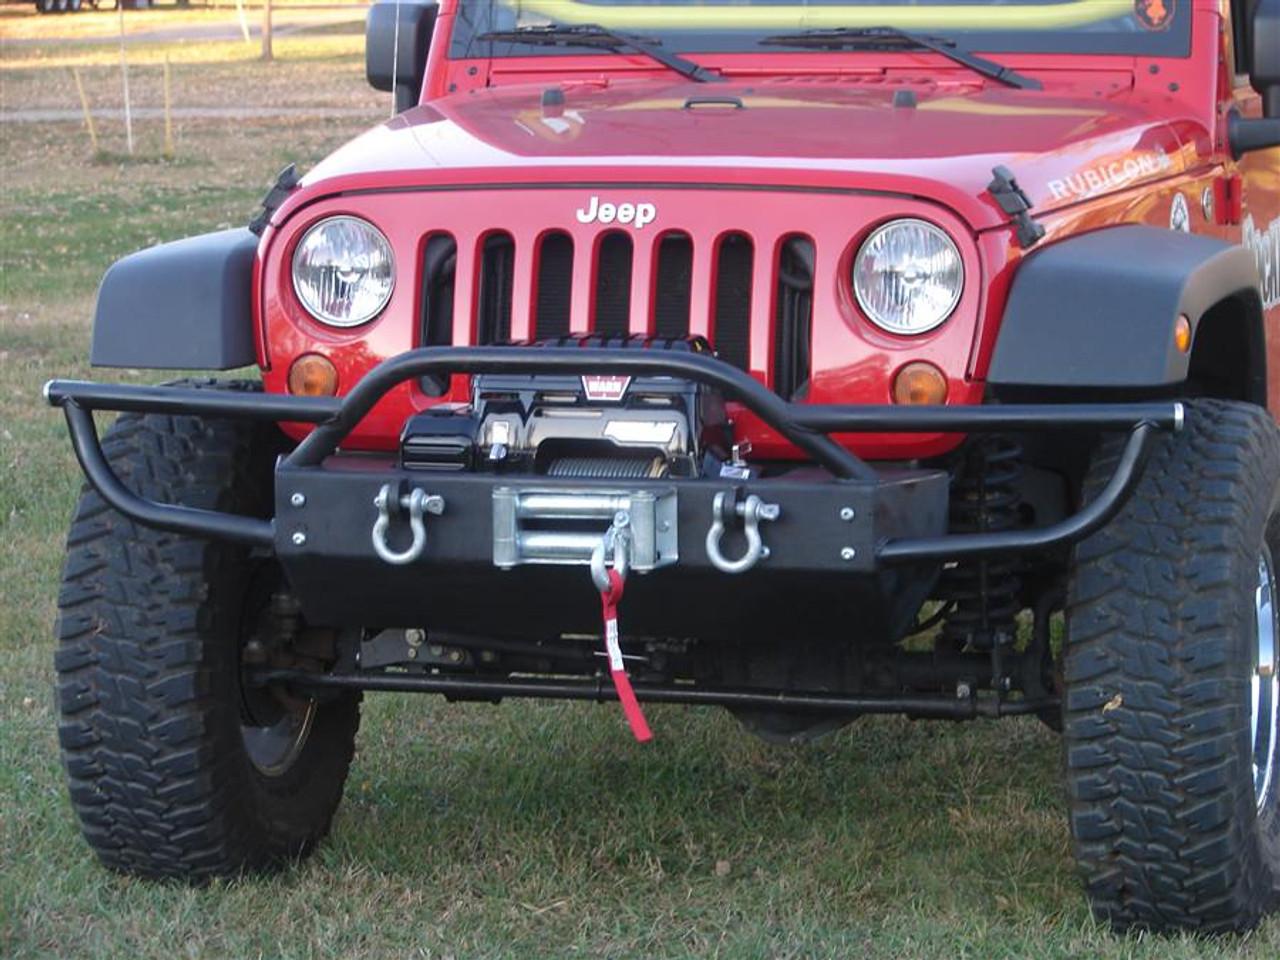 Rock Hard 4x4 Patriot Series PreRunner Grille Width Front Bumper w/ Jeep Jk Fog Light Wiring Harness Extension on jeep jk windshield wipers, jeep jk dash lights, jeep jk steering box, jeep jk headlights, jeep jk door locks, jeep jk engine swap, jeep jk turn signals, jeep jk backup lights, jeep jk oem fog lights, jeep jk spark plugs, jeep jk fuel pump, jeep jk rims, jeep jk shocks, toyota tundra fog light wiring, jeep jk interior lights, mitsubishi fog light wiring, jeep jk power steering pump, jeep jk egr valve, jeep jk cruise control, jeep jk hid lights,